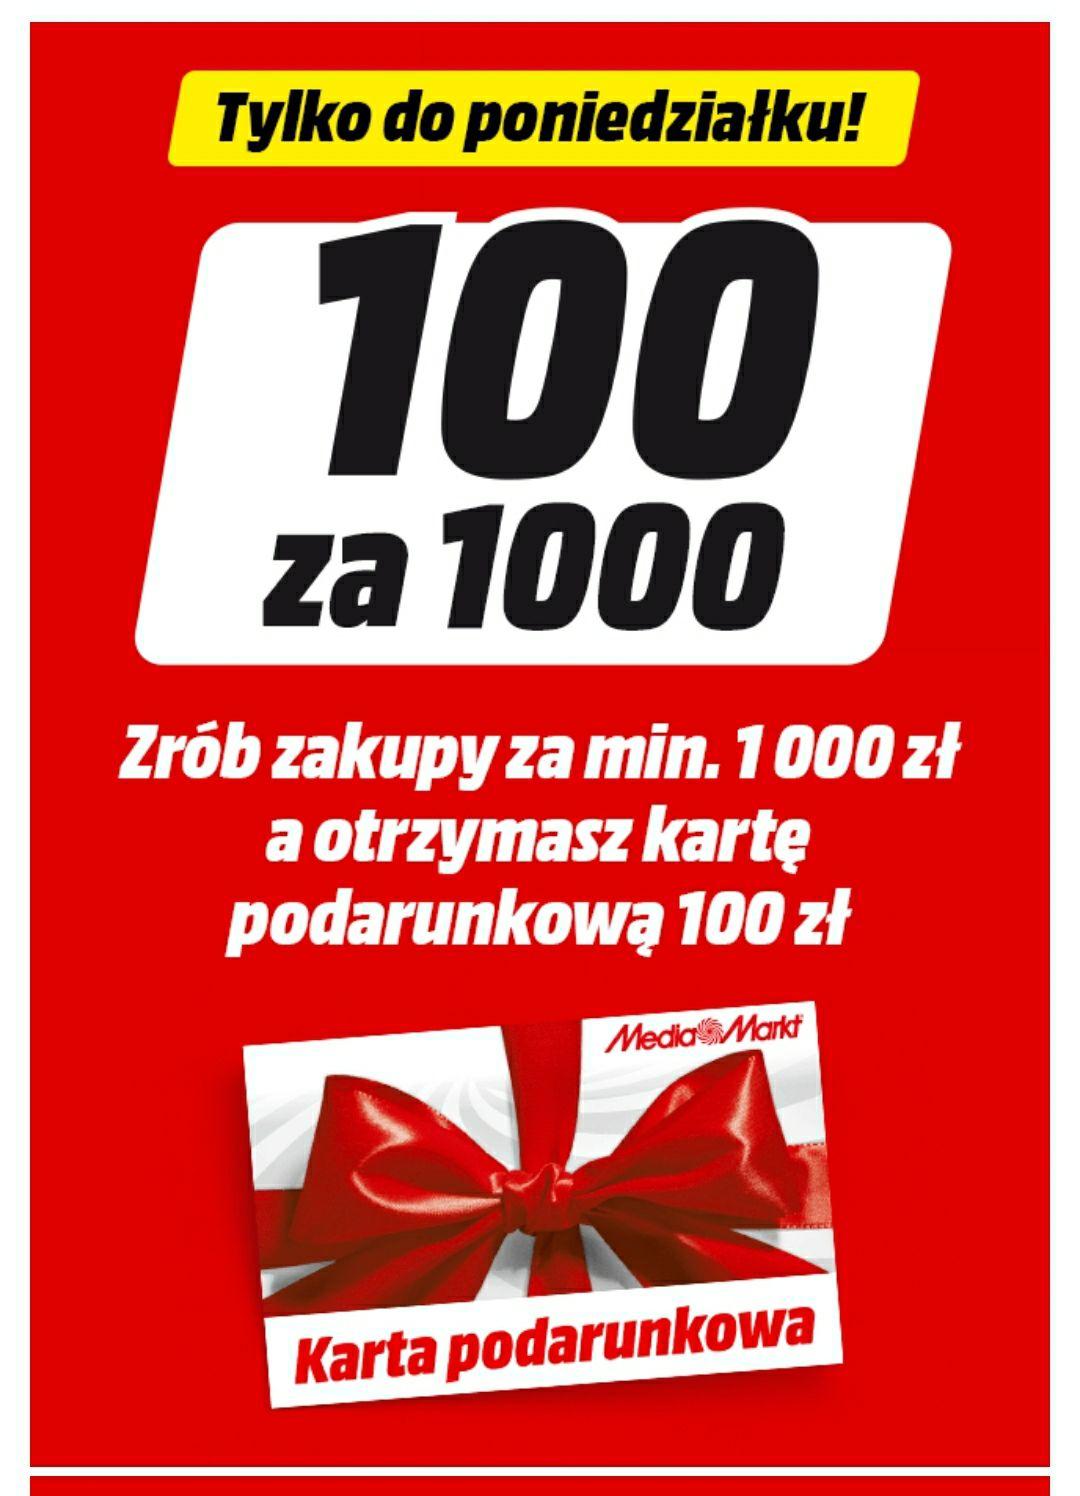 Media Markt 100zl w bonie przy zakupach 1000zl